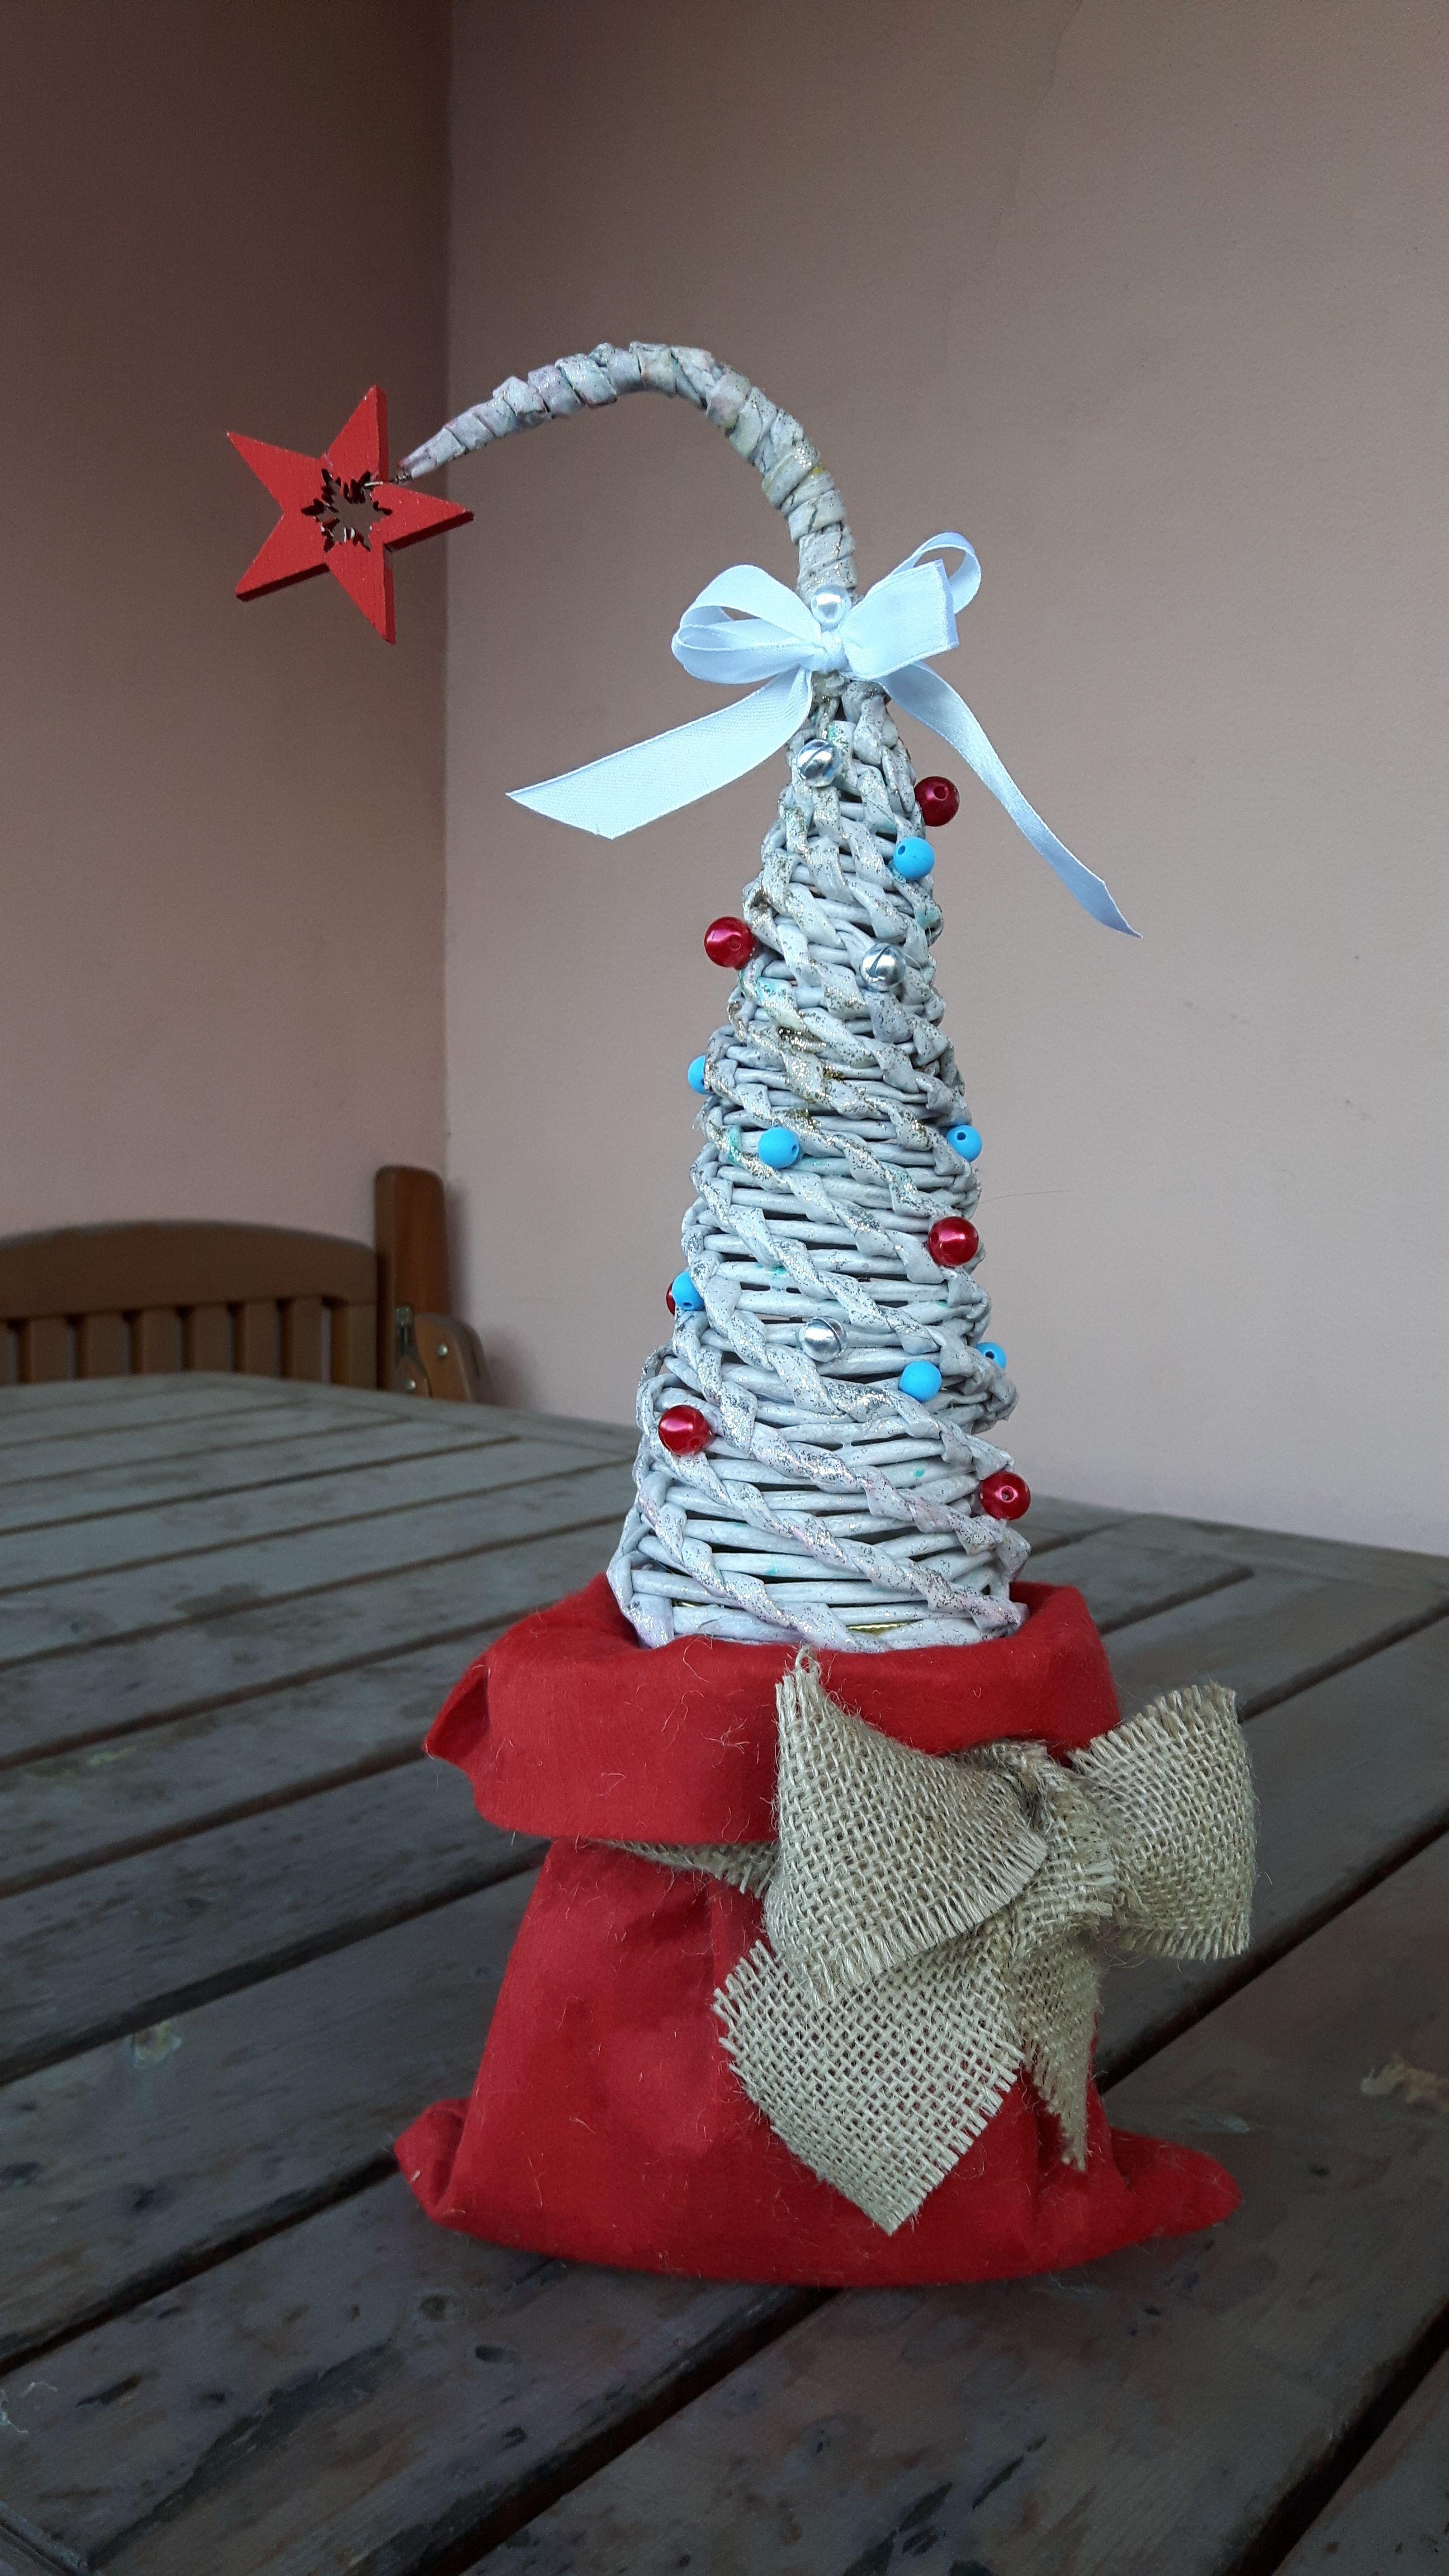 Albero Di Natale Con Cannucce Di Carta.Albero Di Natale Con Cannucce Di Carta Artist Agnese Redaelli Cannucce Alberi Di Natale Natale